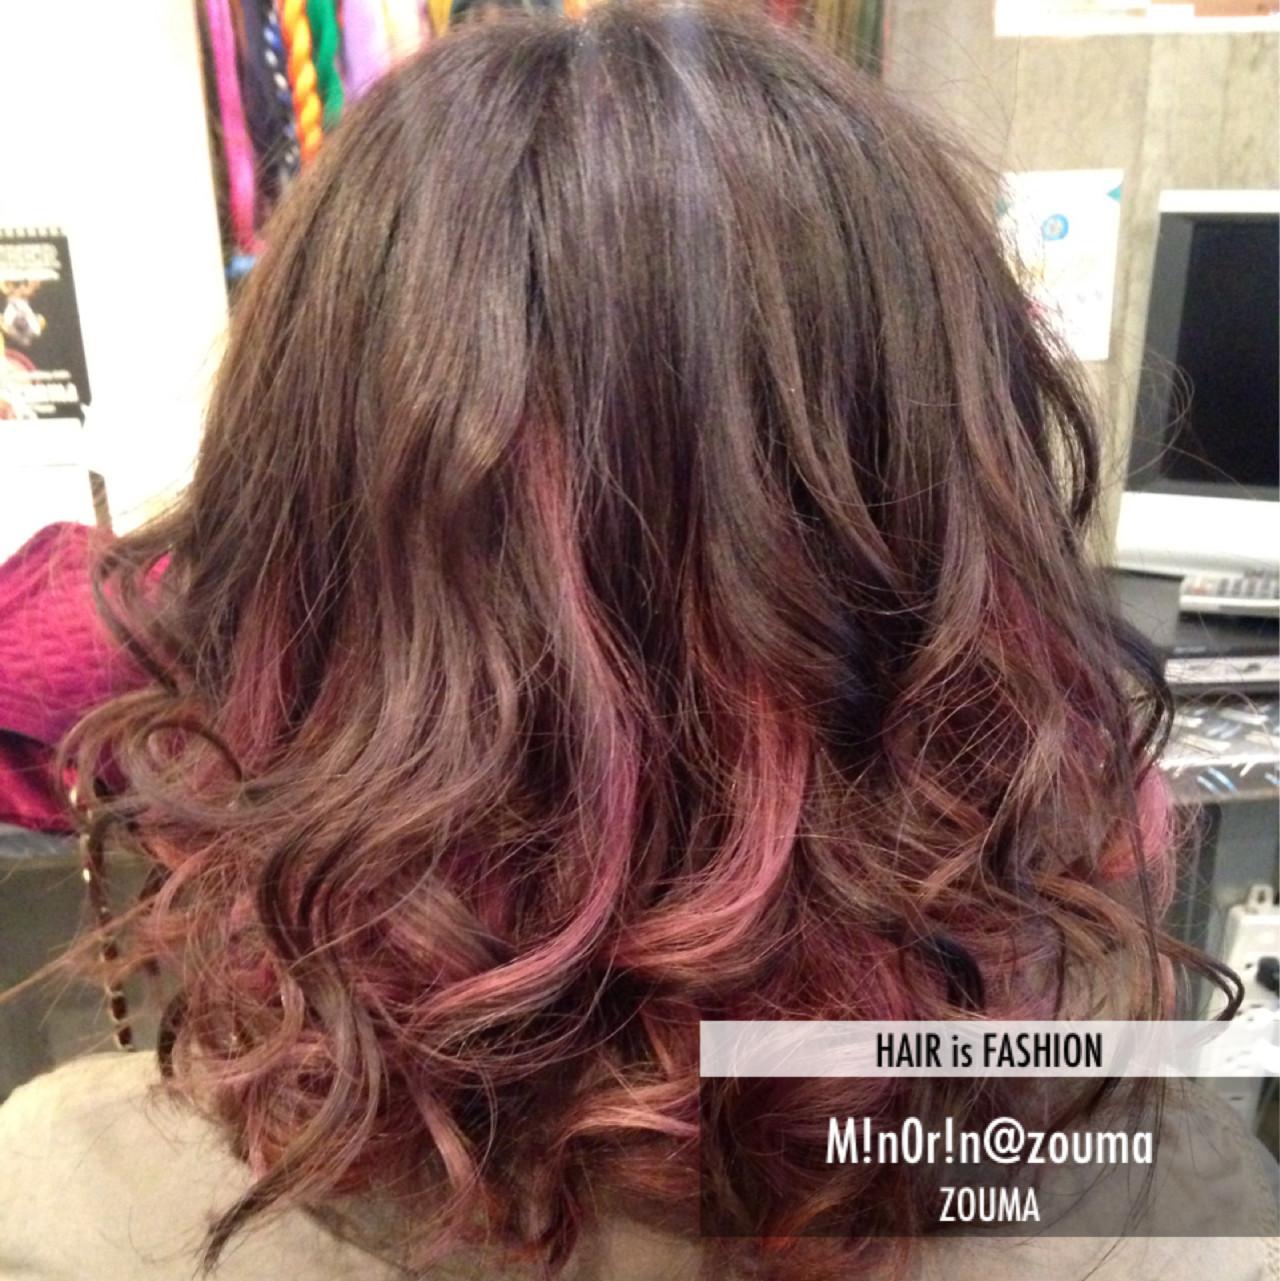 ピンク×オレンジのグラデーションヘアスタイル みのりん/ZOUMA